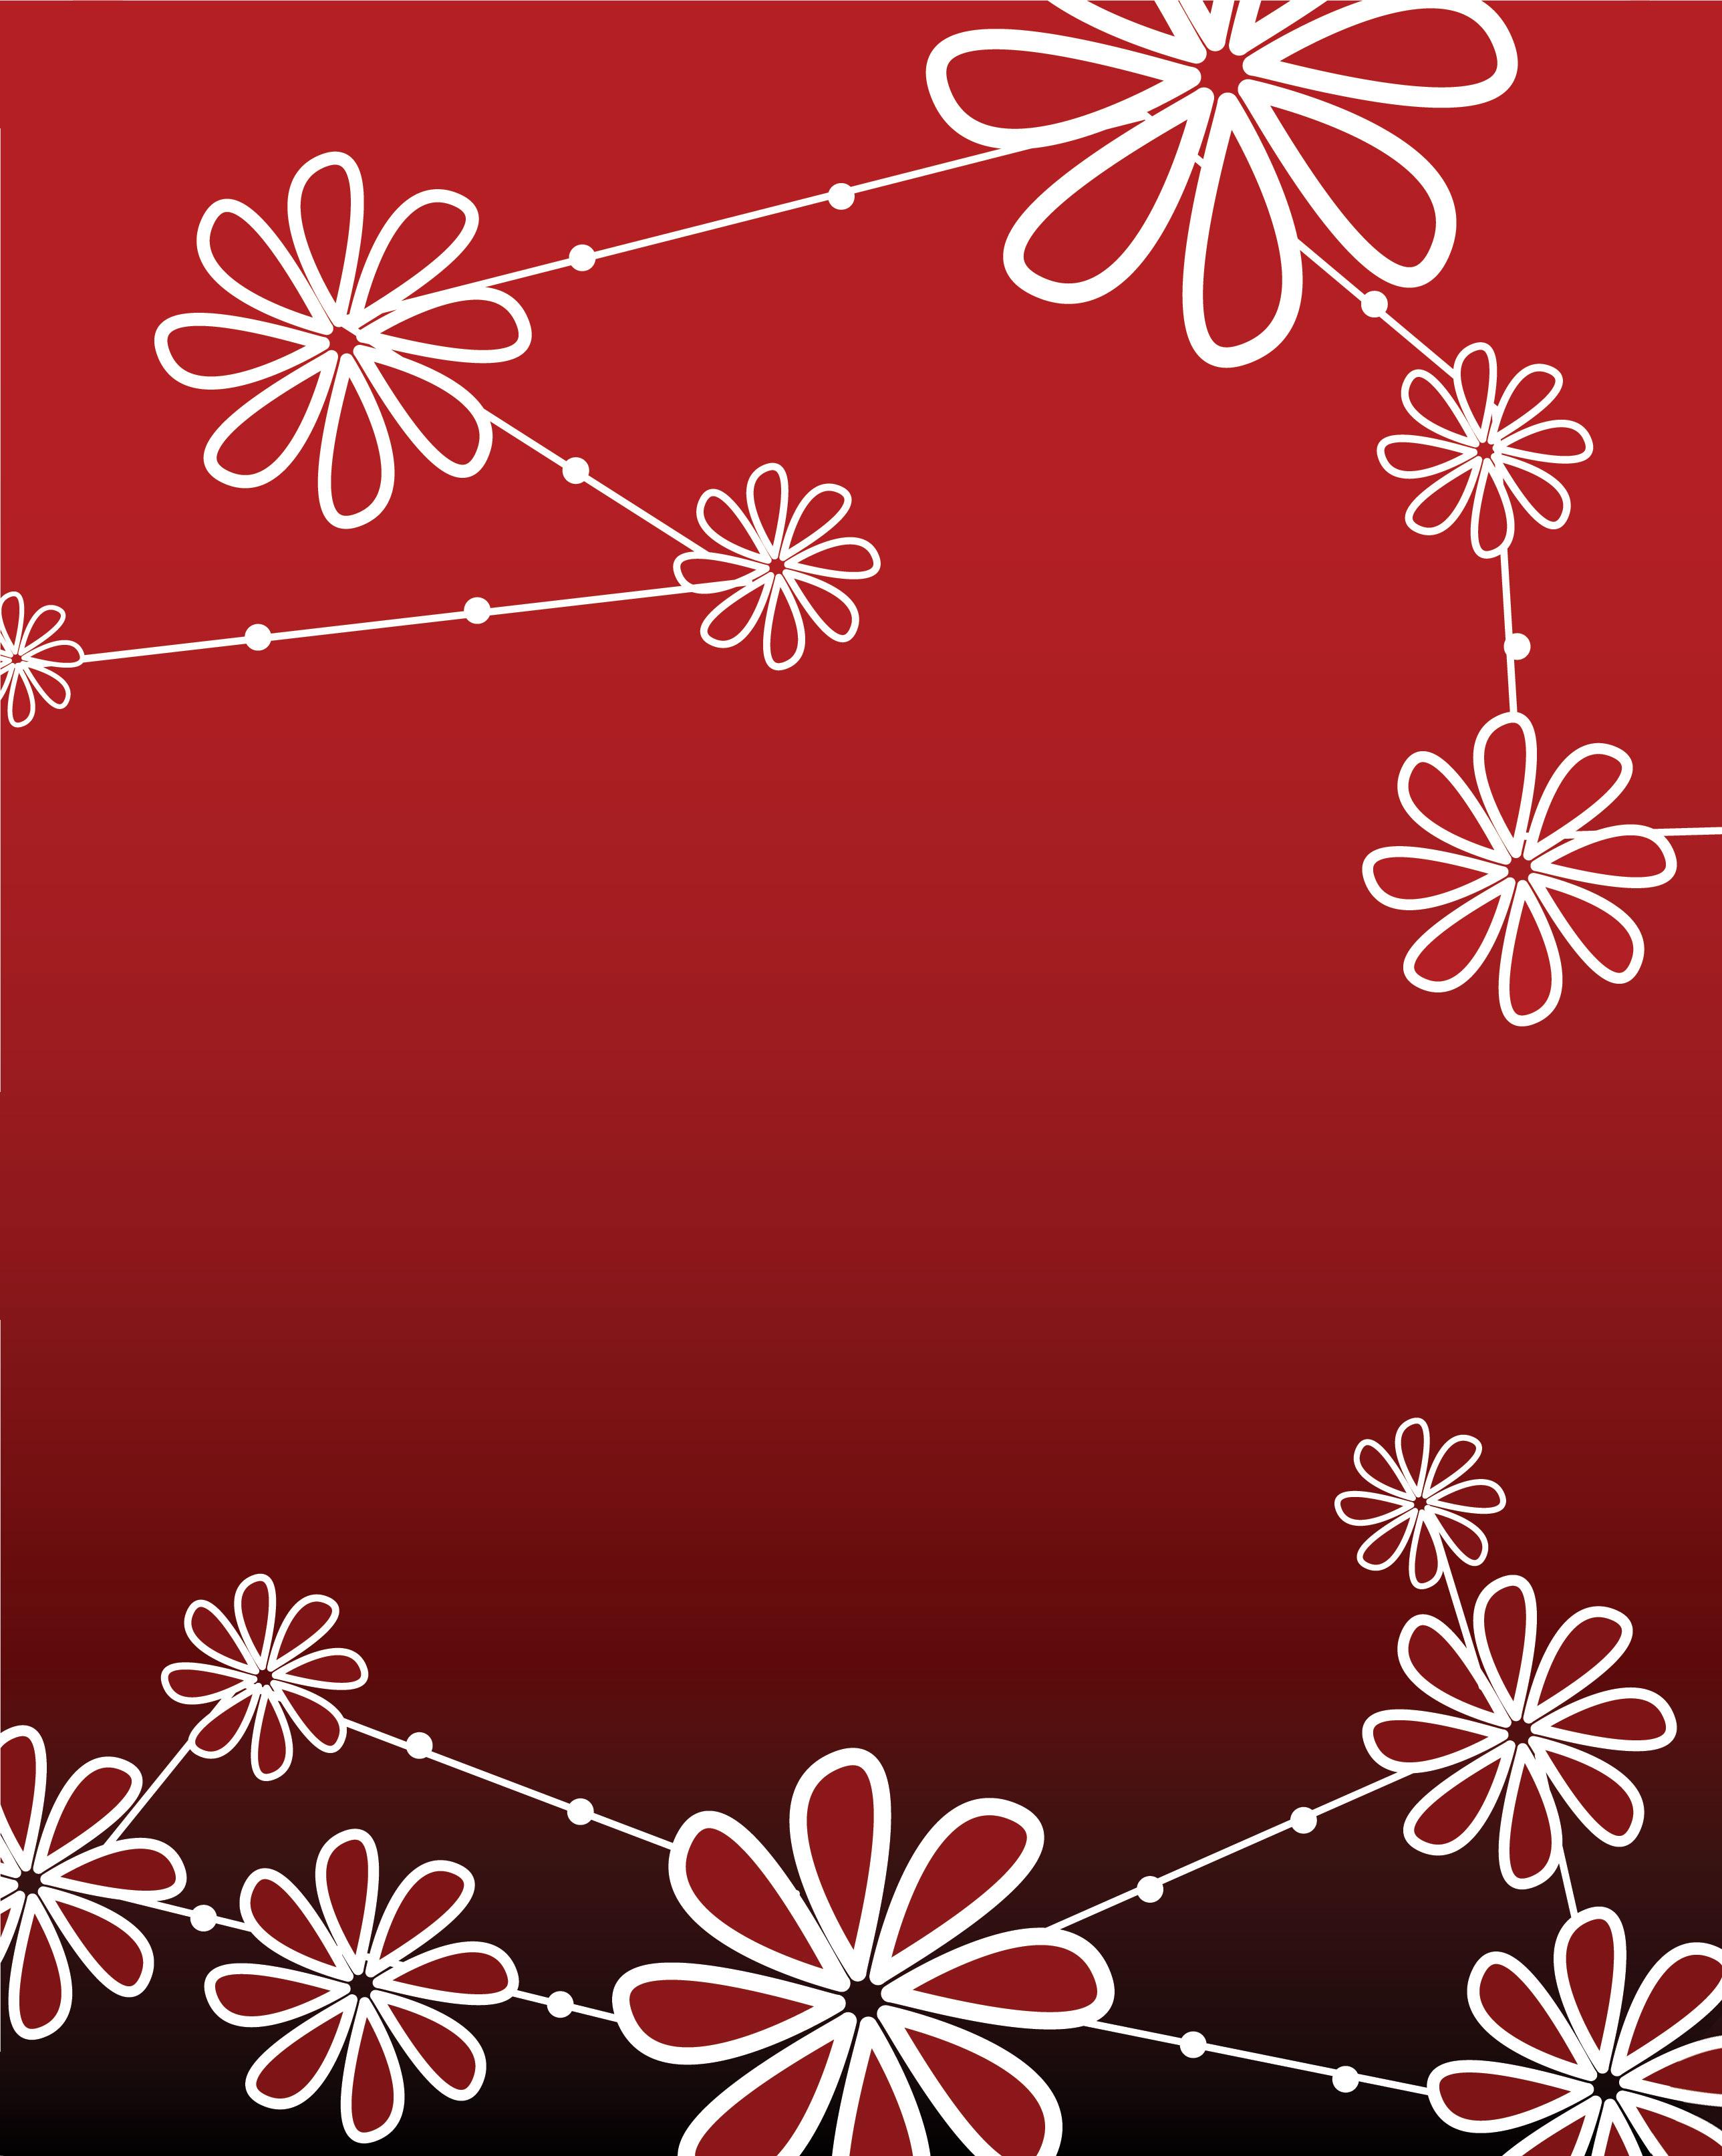 花のイラスト フリー素材 壁紙 背景no 490 赤 黒グラデーション